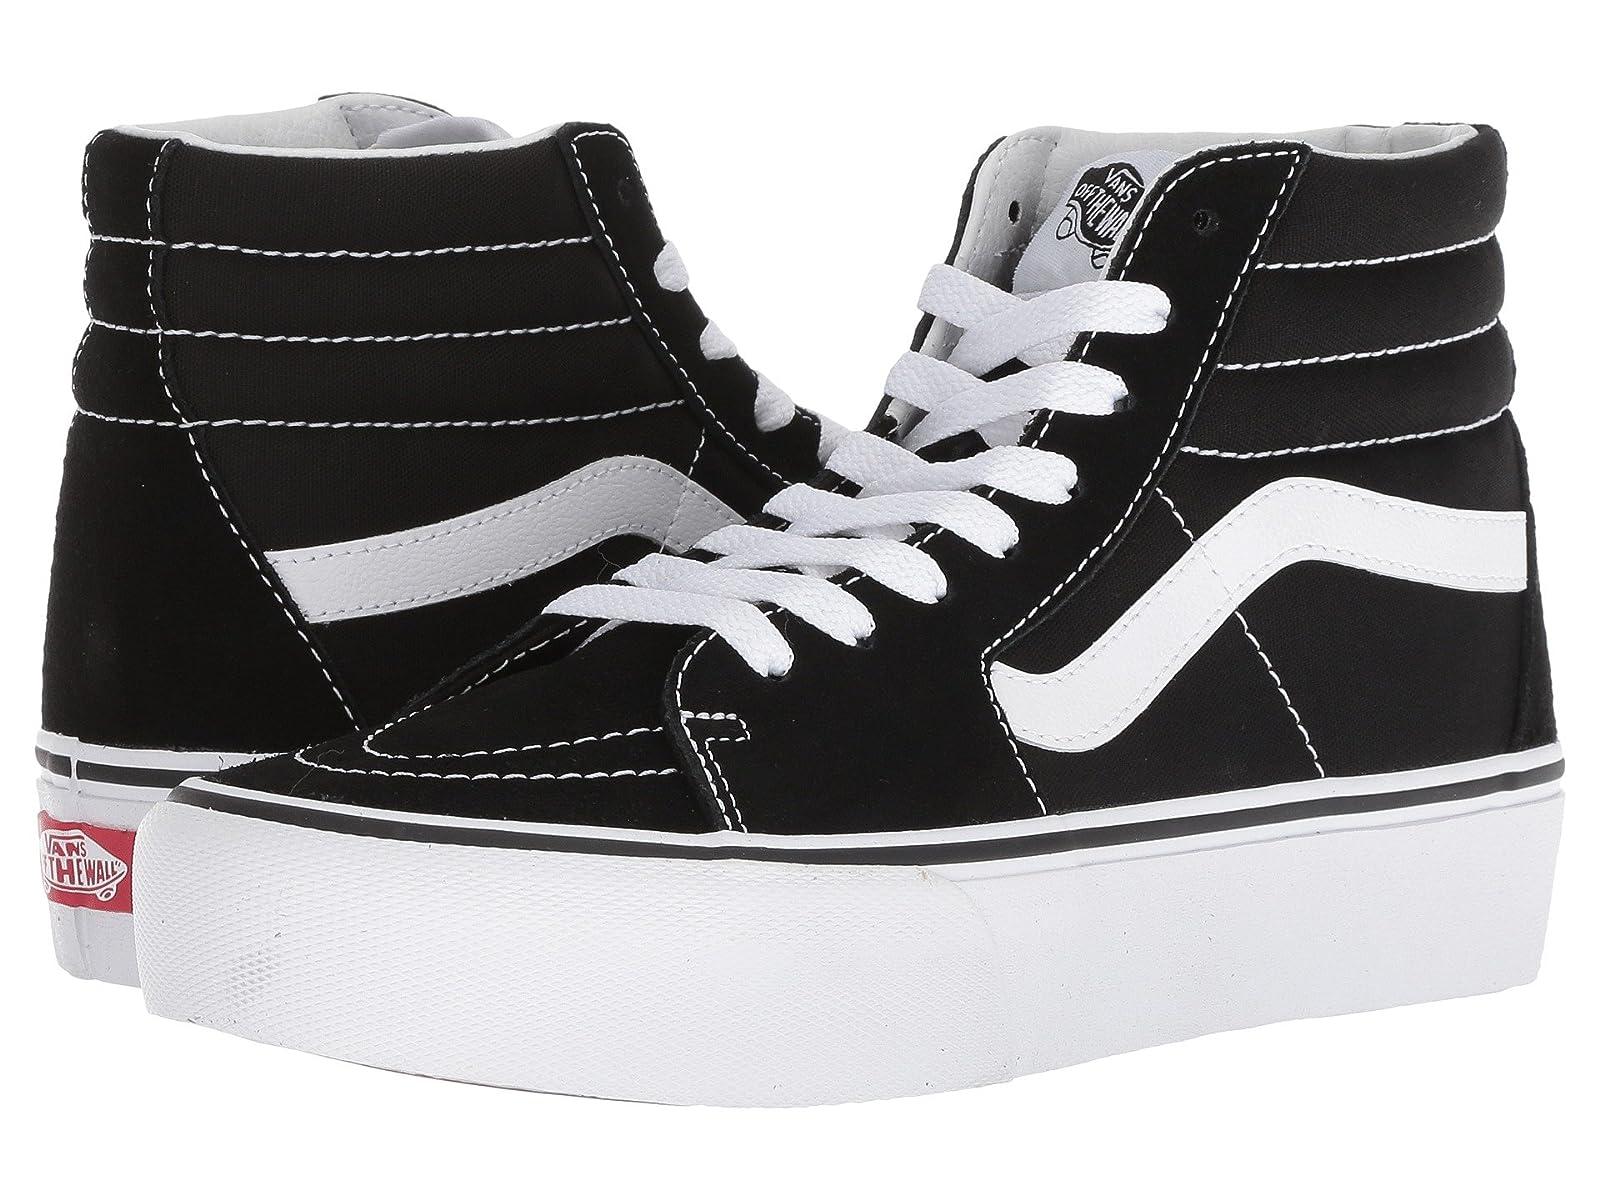 Vans SK8-Hi Platform 2.0Atmospheric grades have affordable shoes